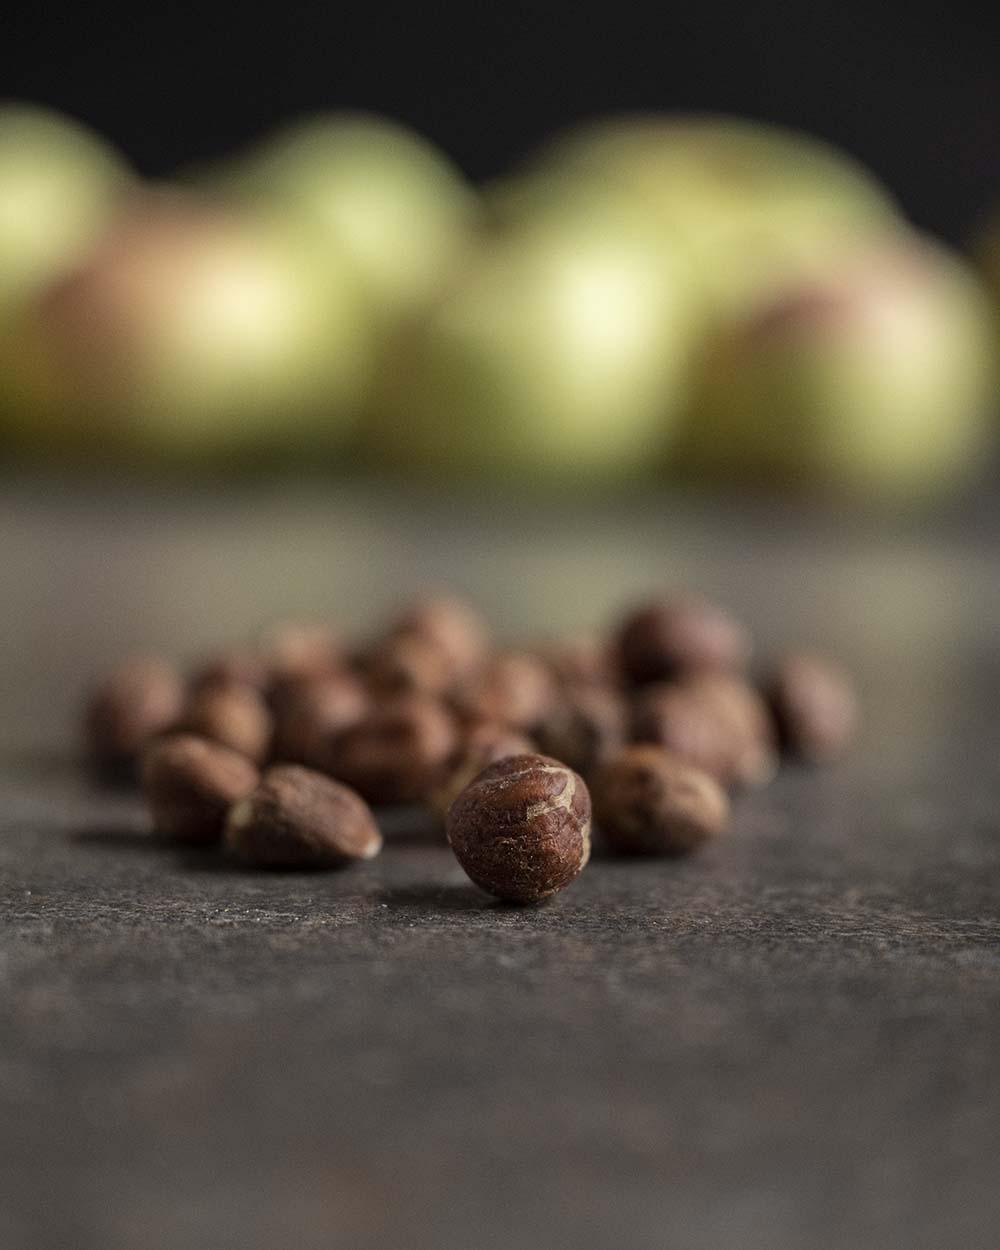 Aufnahme einzelner Zutaten. Im Hintergrund liegen die Äpfel der Sorte Fürst Blücher, die wir von der Ernte auf einem Hof mitgebracht haben. In den Vordergrund haben wir einige Haselnüsse gelegt, die wir grob gemahlen ebenfalls in den Teig geben.